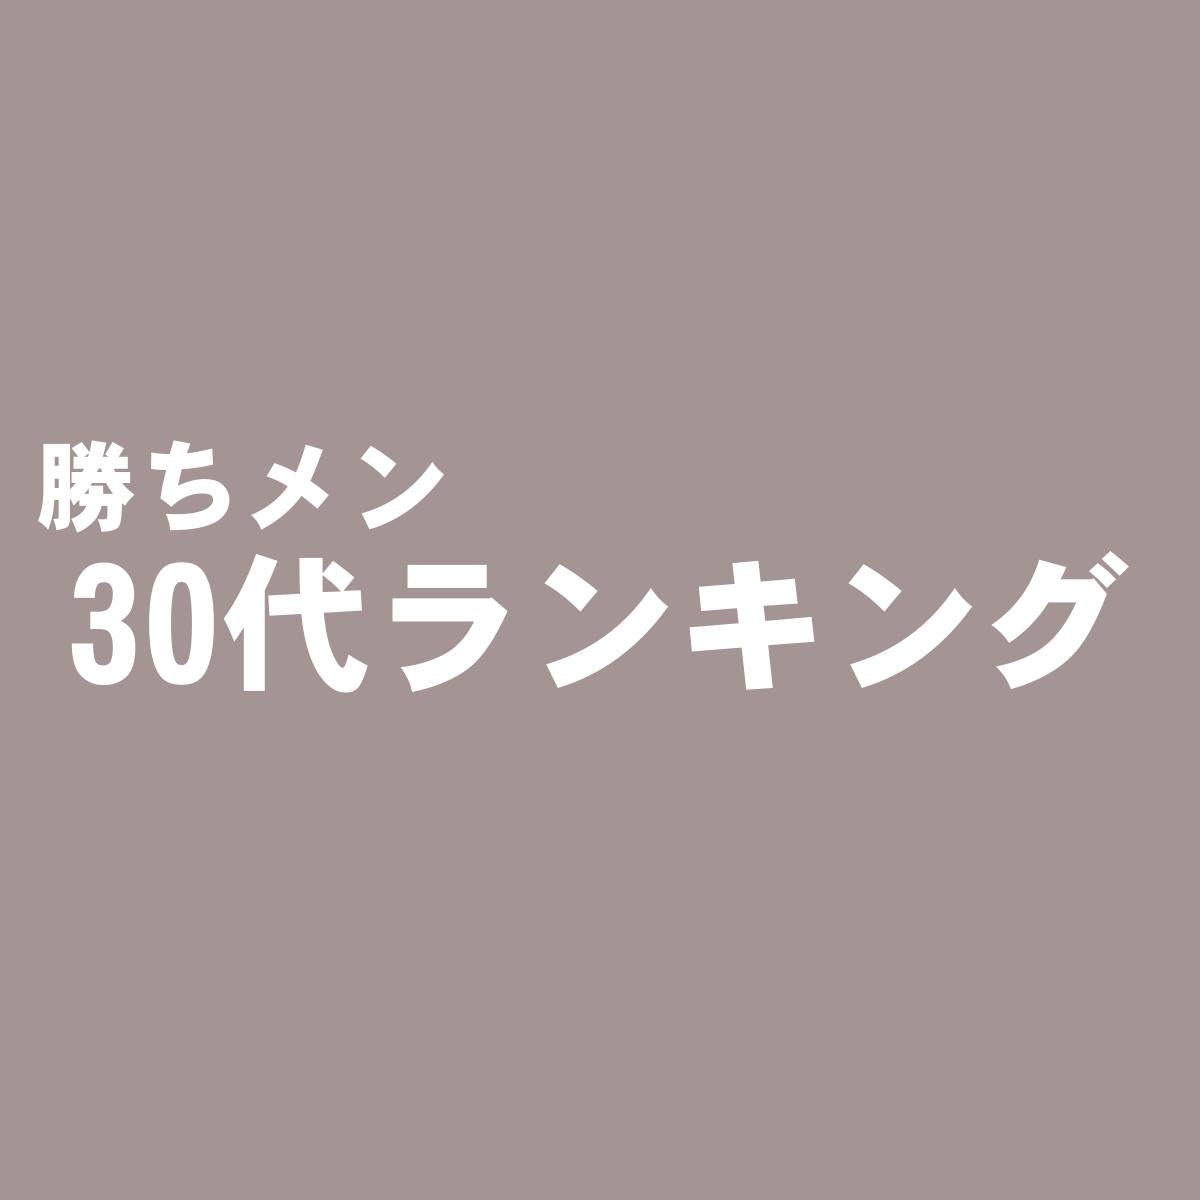 30代ランキング